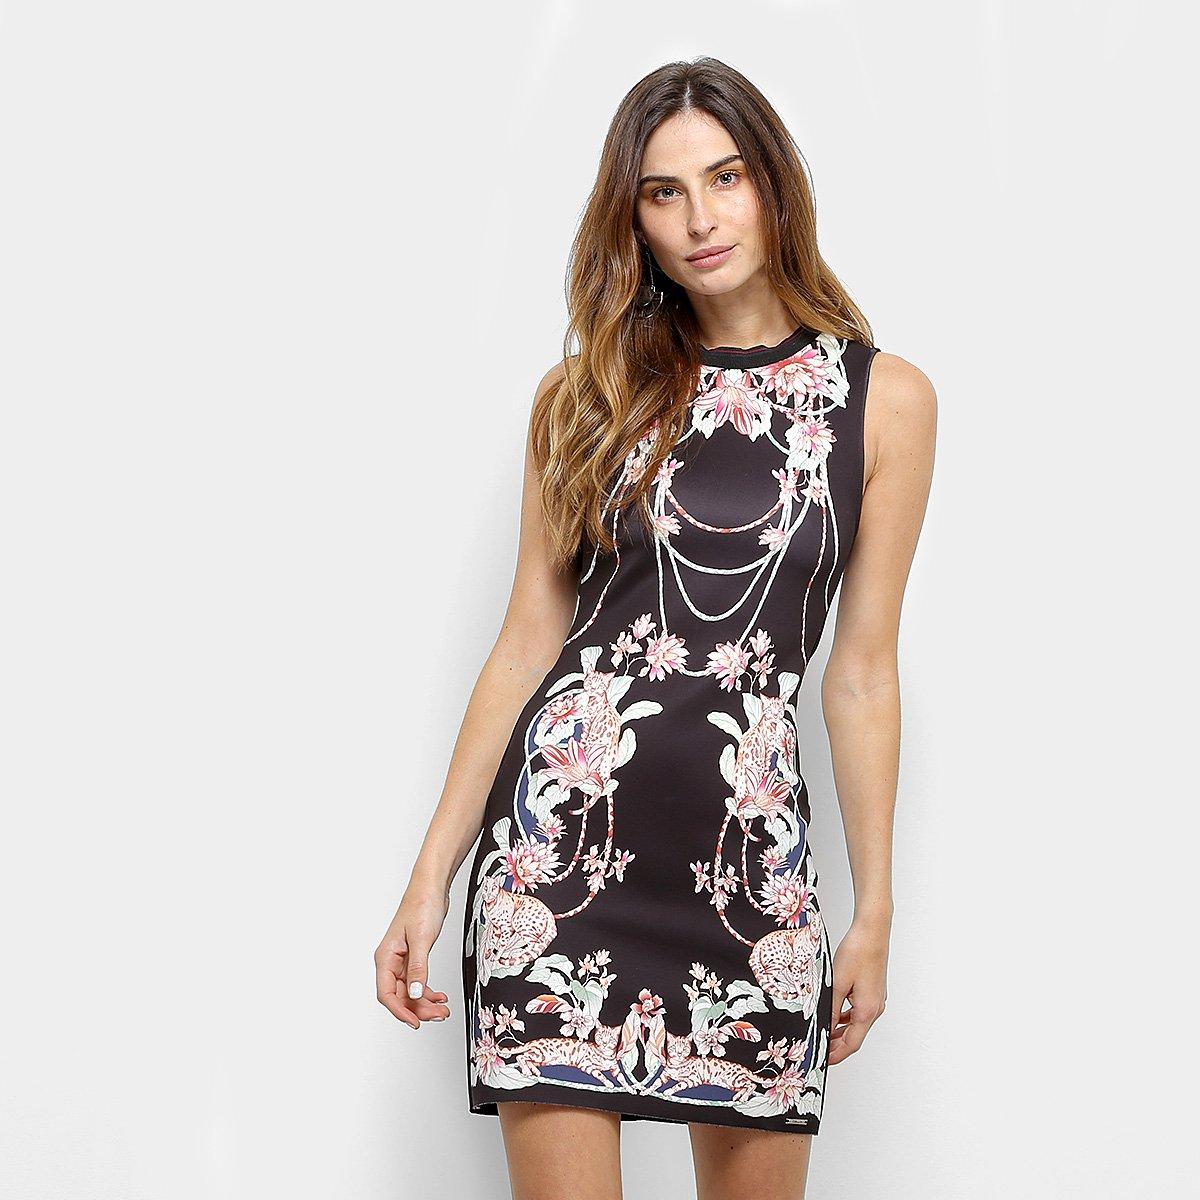 f3c56cba5 Vestido Colcci Curto Tubinho Estampa Floral | Netshoes